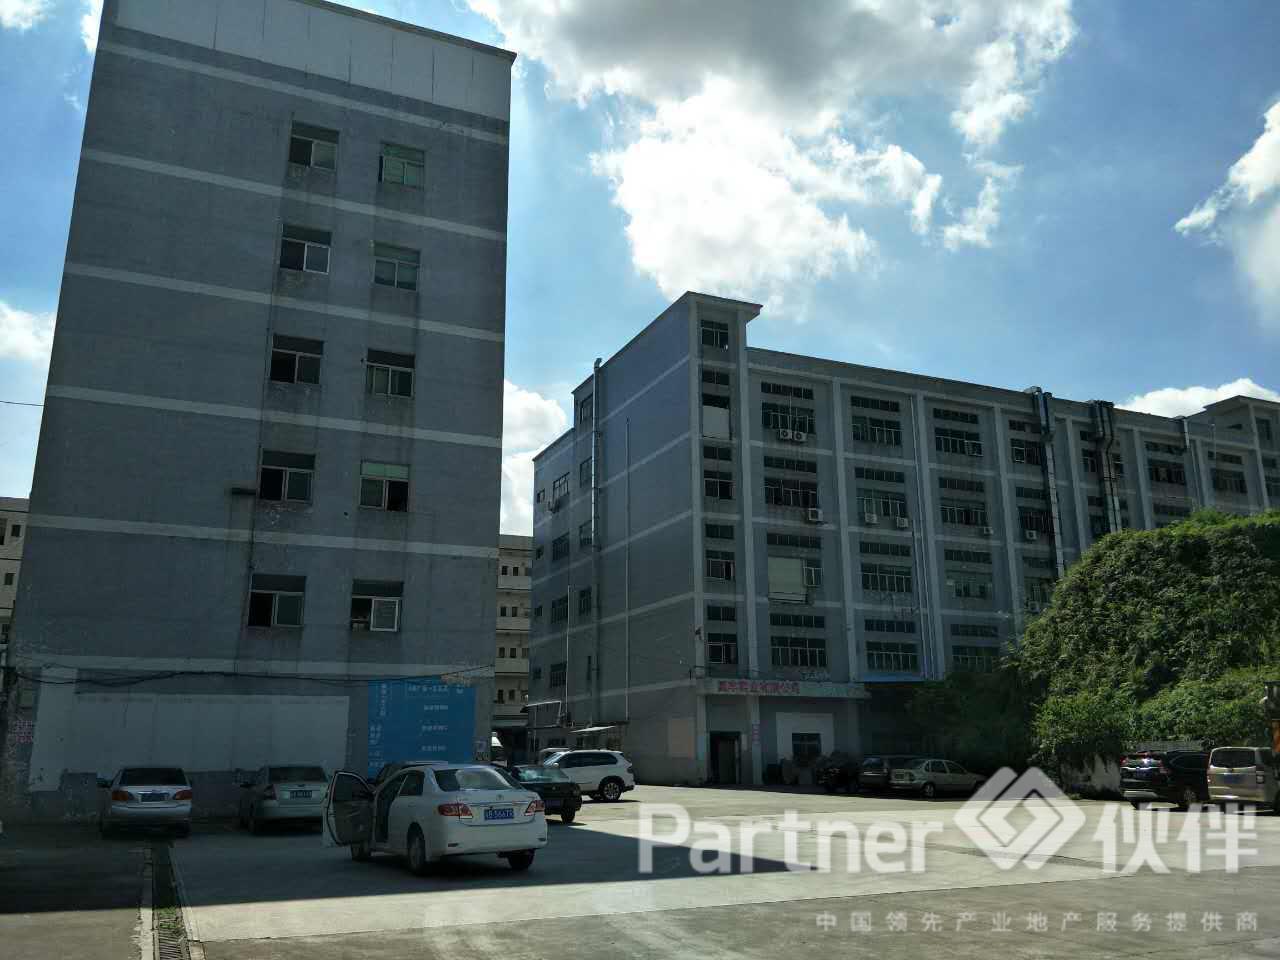 塘厦镇建筑 10380 ㎡村委合同厂房出售